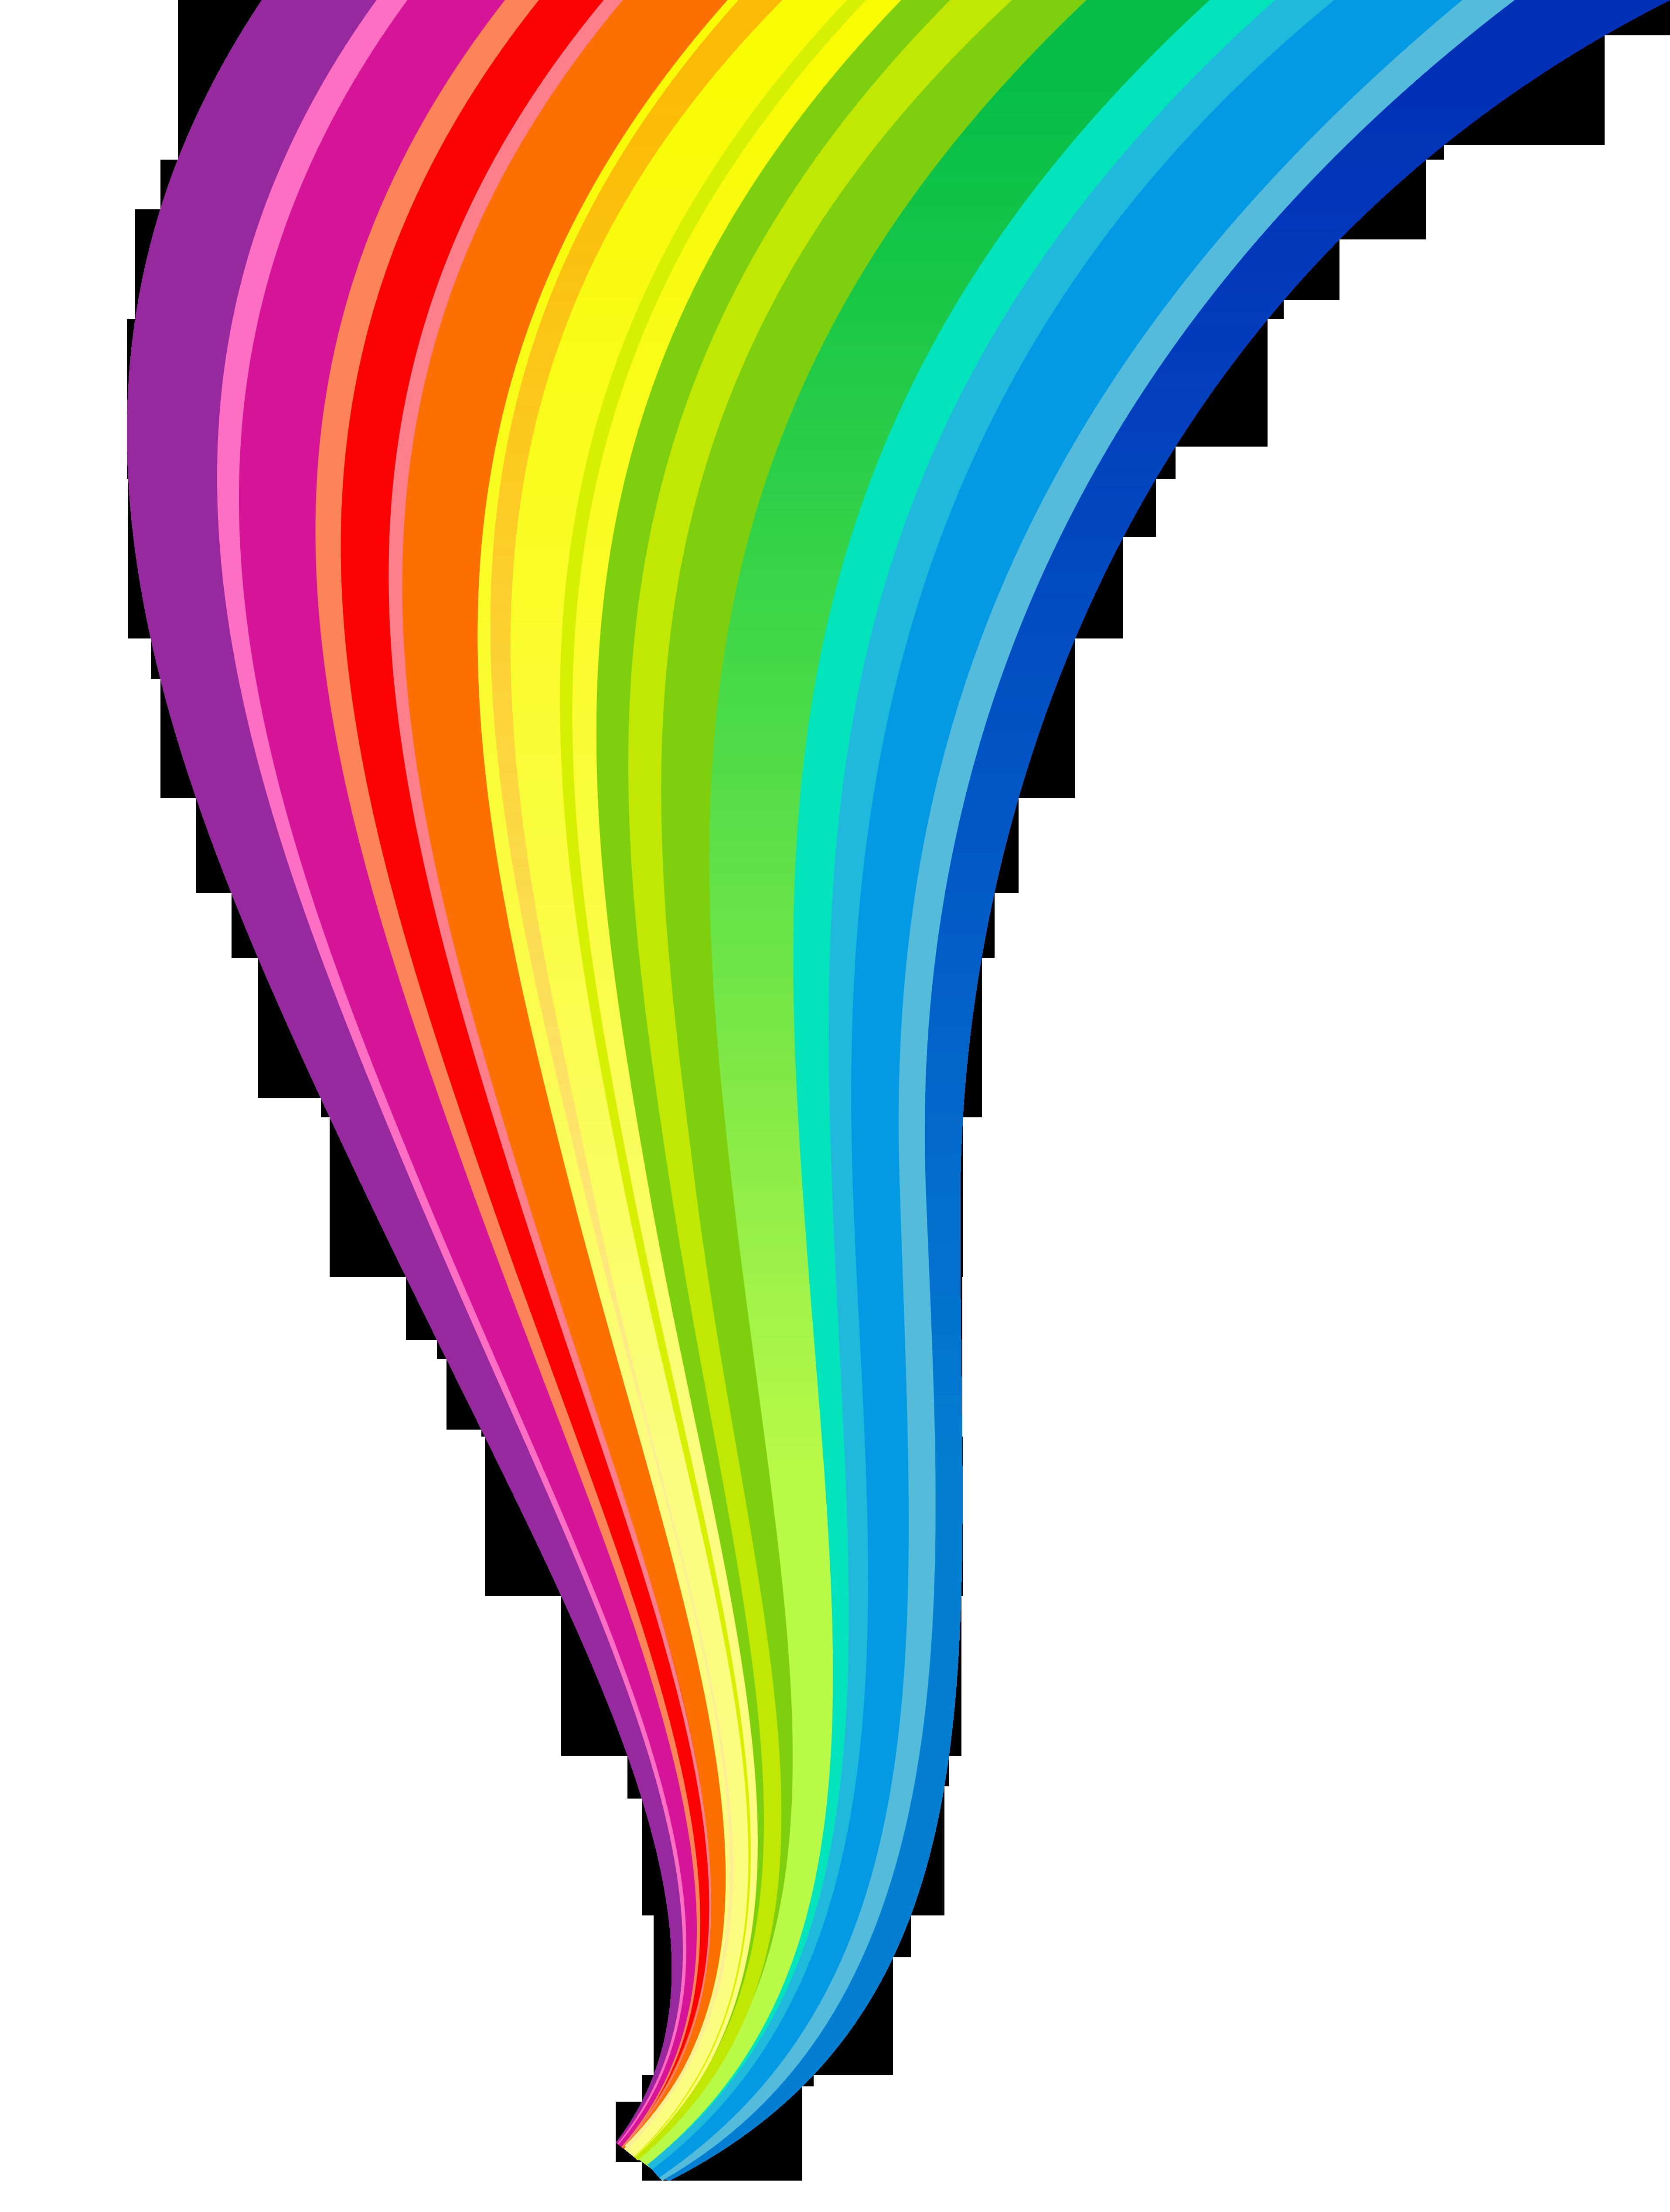 Rainbow line clipart free library Rainbow Clip art - Rainbow Line Transparent Clipart png ... free library